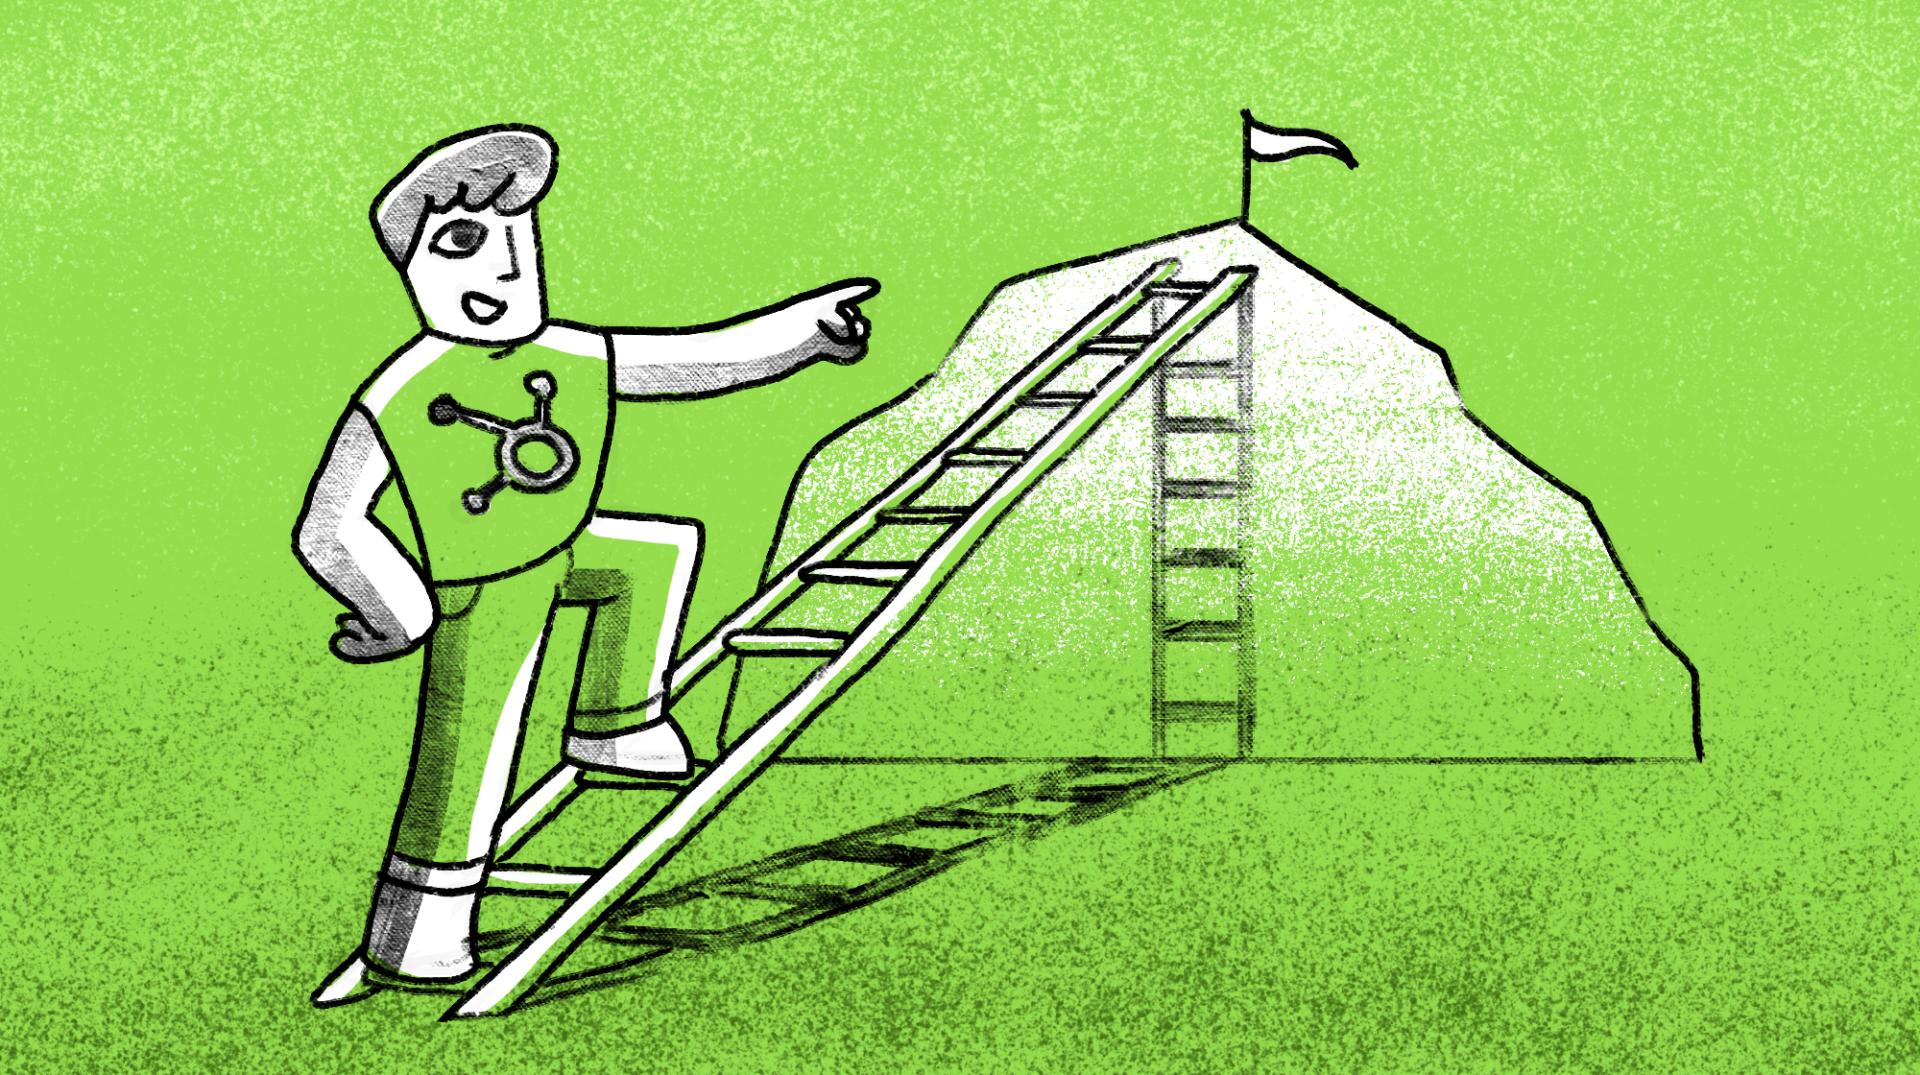 HubSpot-helps-you-reach-marketing-goals